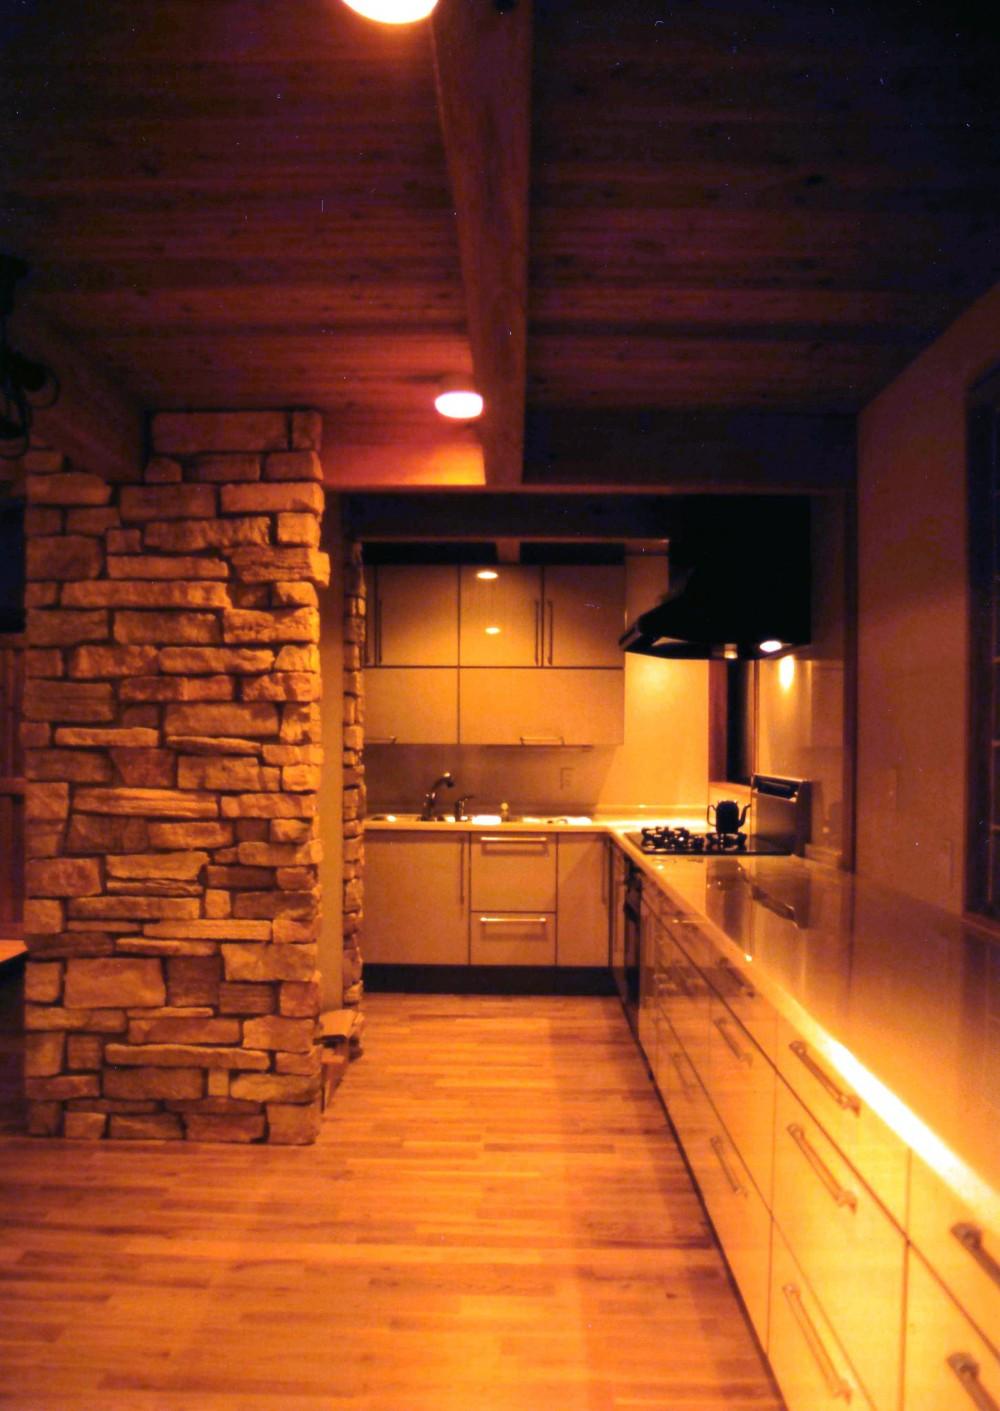 建築家:石川淳朗「うすきの家-時がゆったりと流れる家-大分・臼杵」